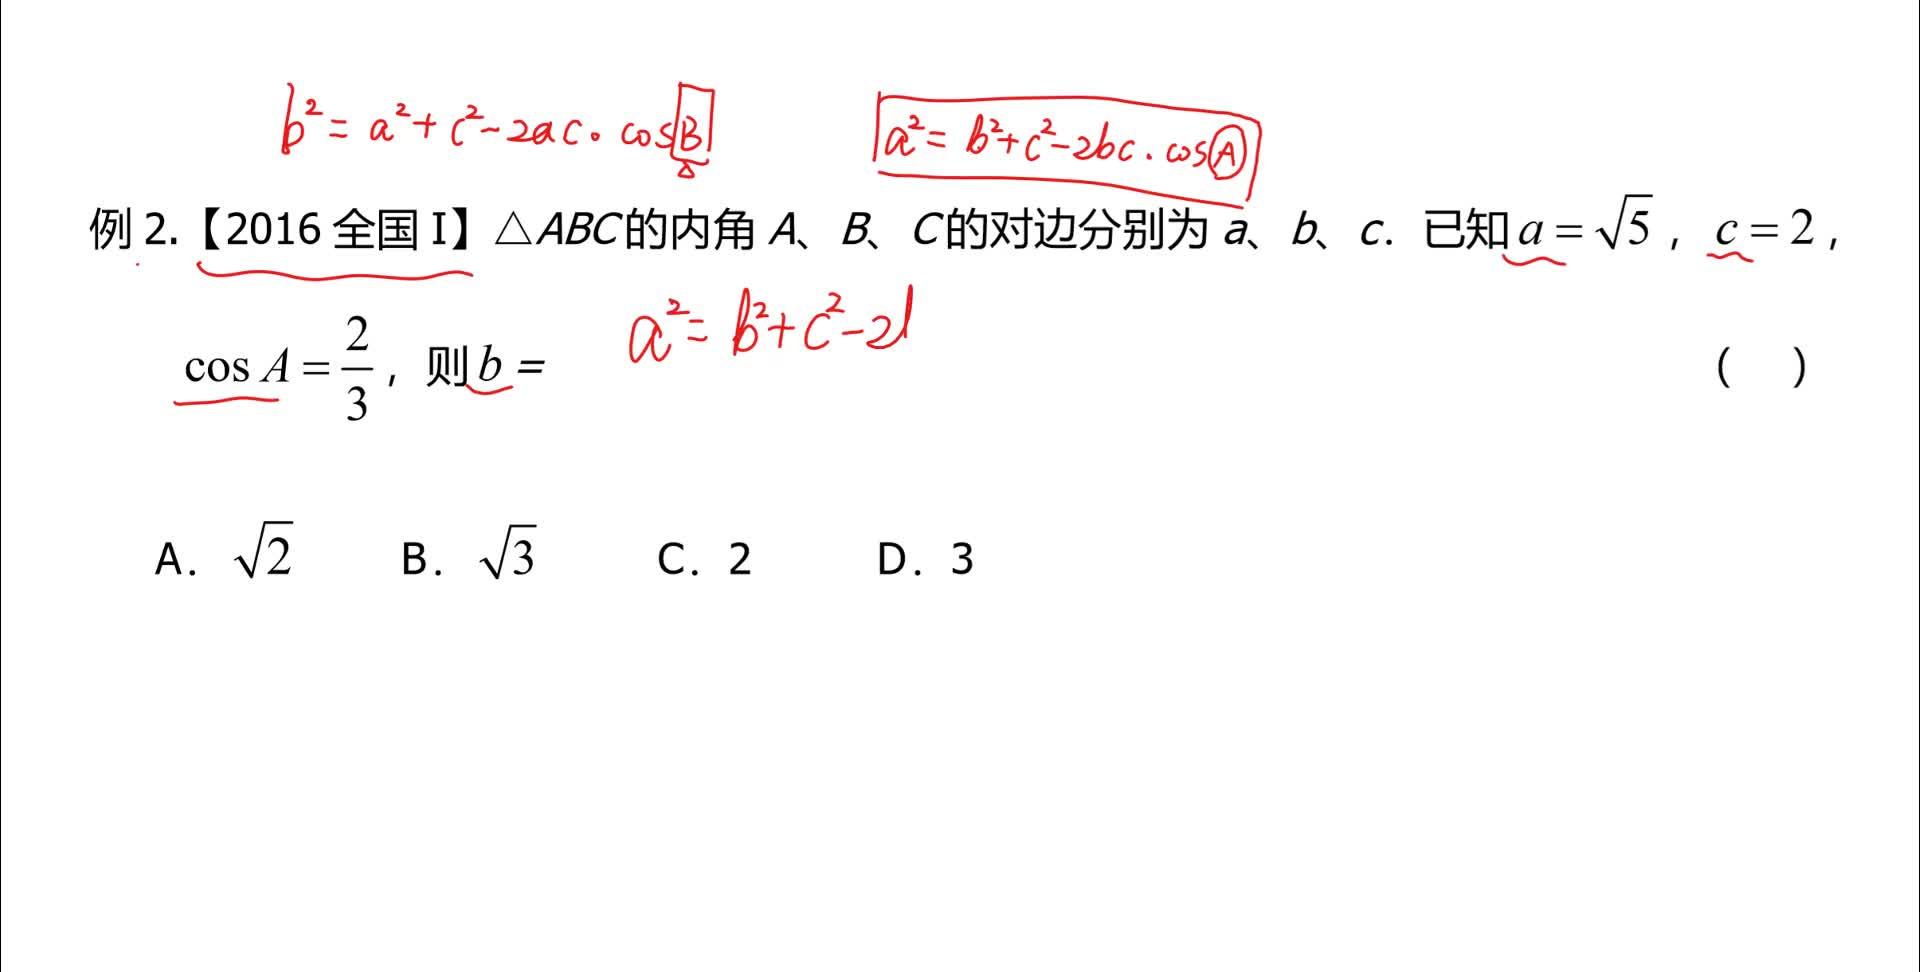 【视频】解三角形第2讲 余弦定理-艺考生高考数学核心88讲 【视频】解三角形第2讲 余弦定理-艺考生高考数学核心88讲 [来自e网通客户端]